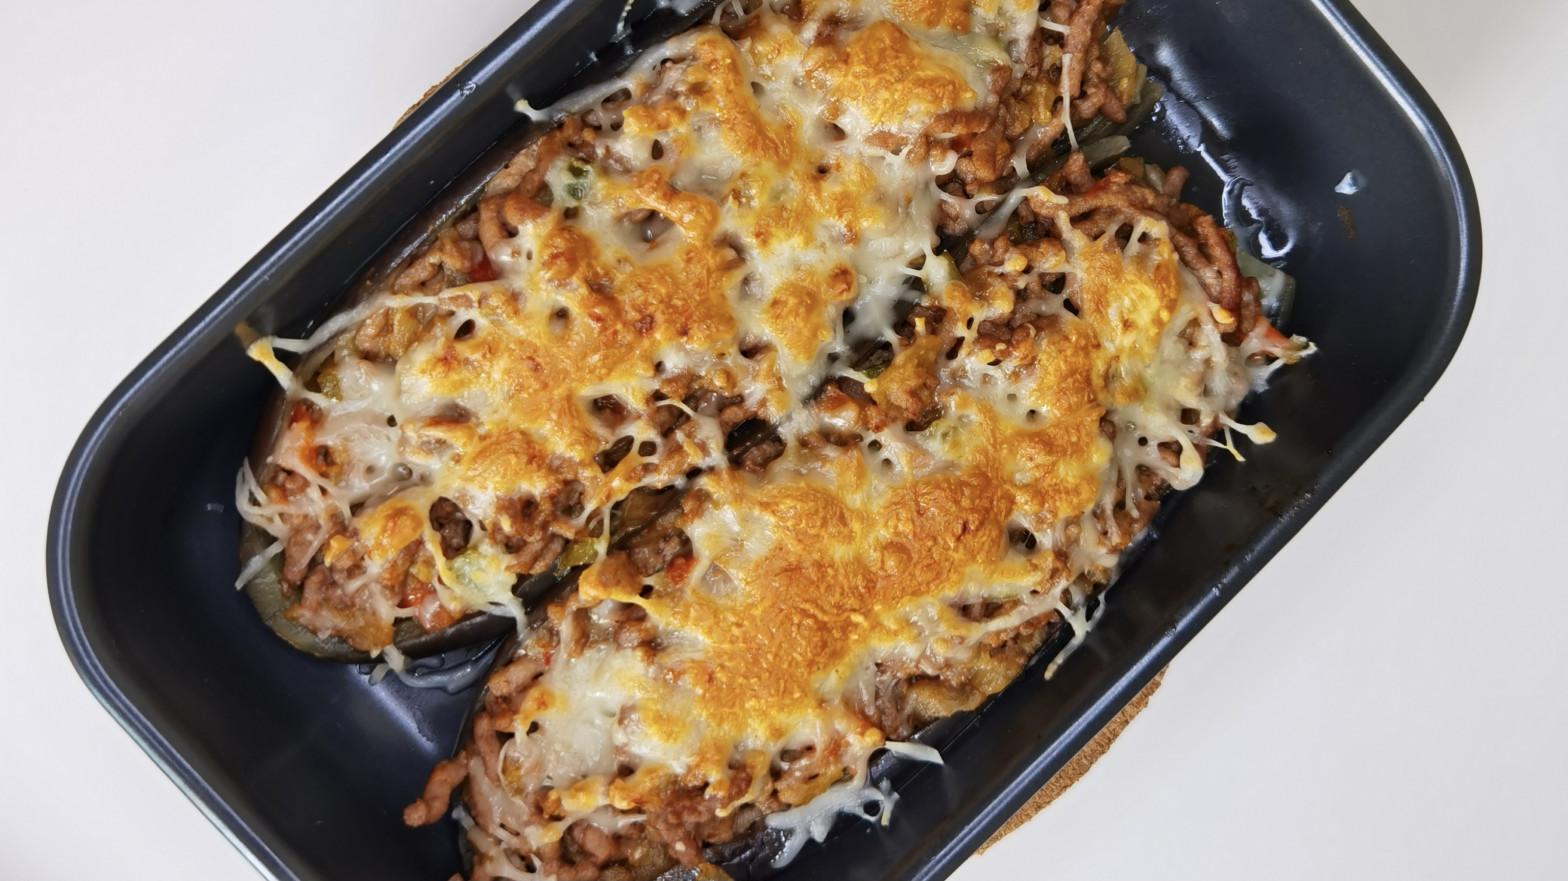 Receta de berenjenas rellenas al horno con queso gratinado